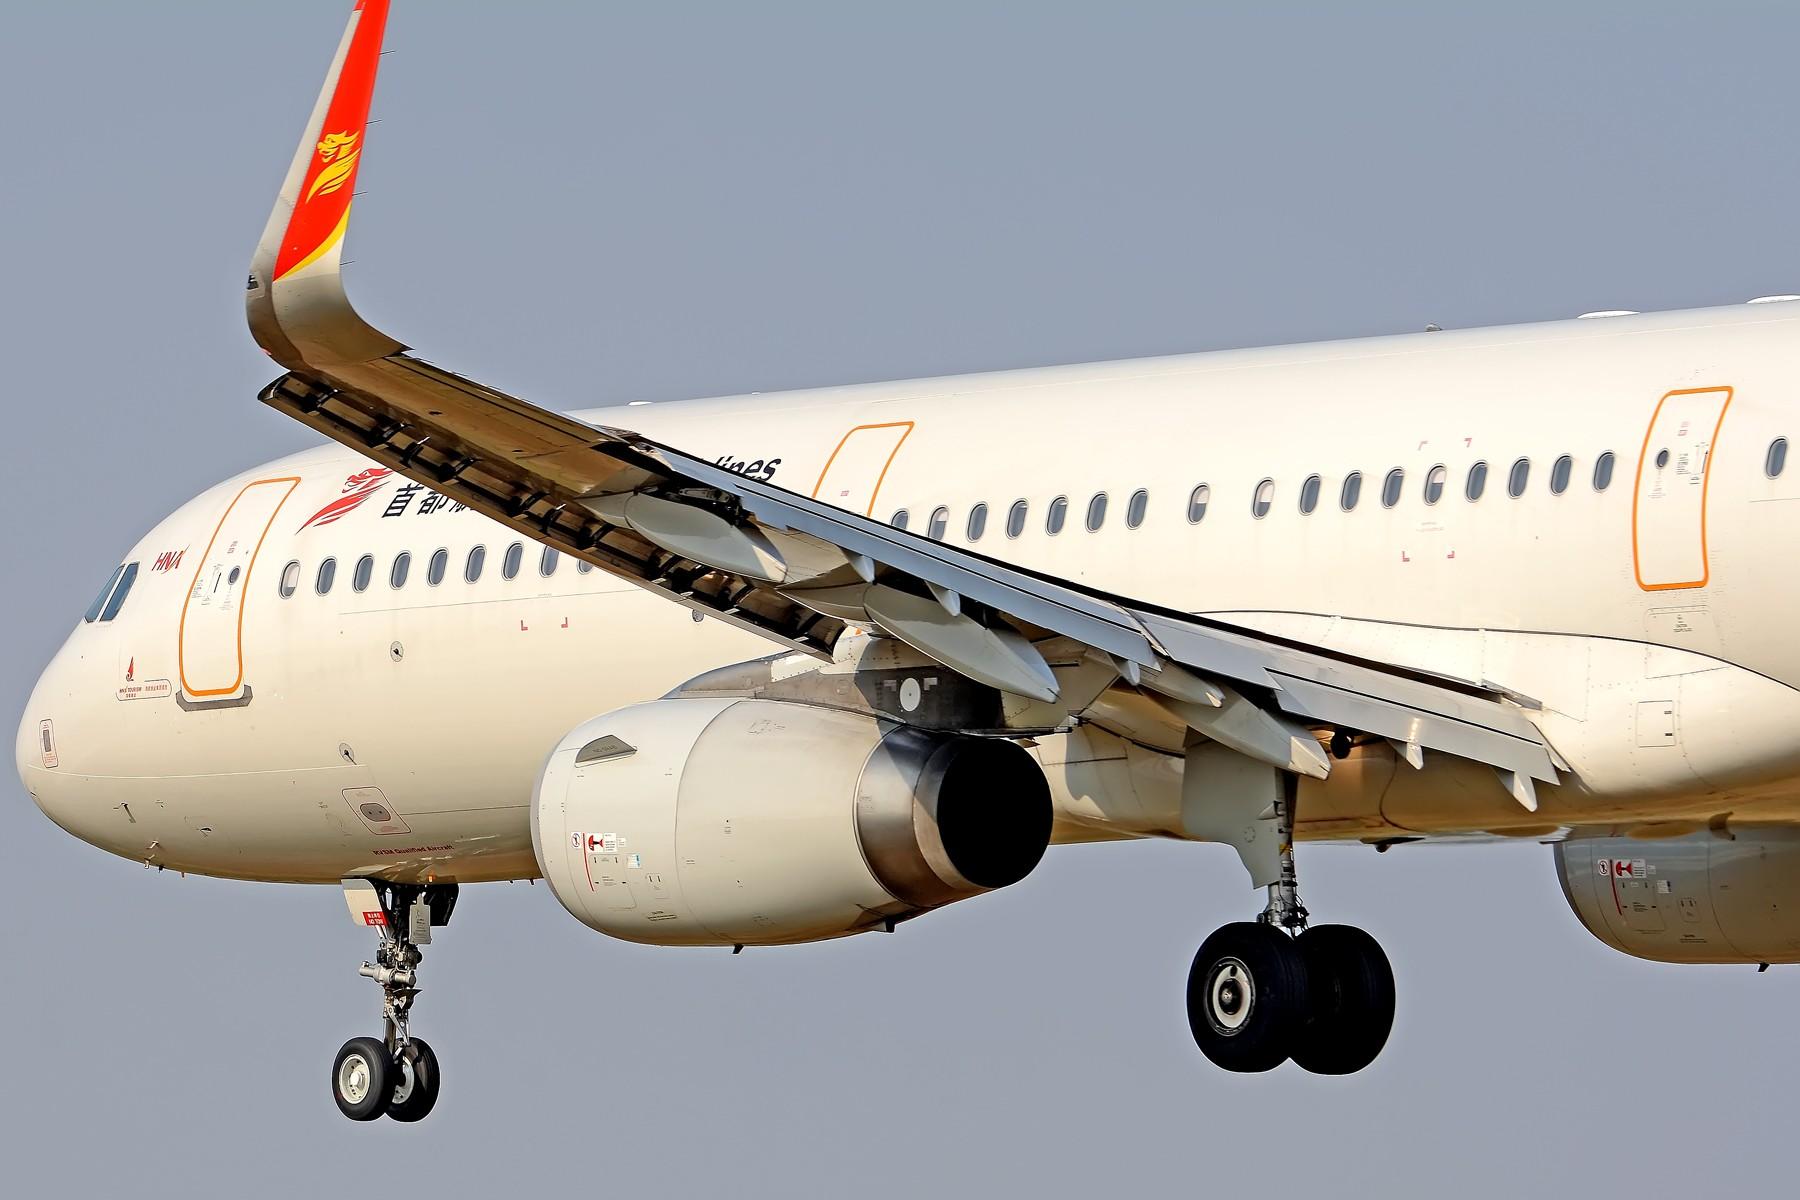 Re:[原创]【多图党】试镜200-500大头比较多 AIRBUS A321-200 B-8541 中国合肥新桥国际机场